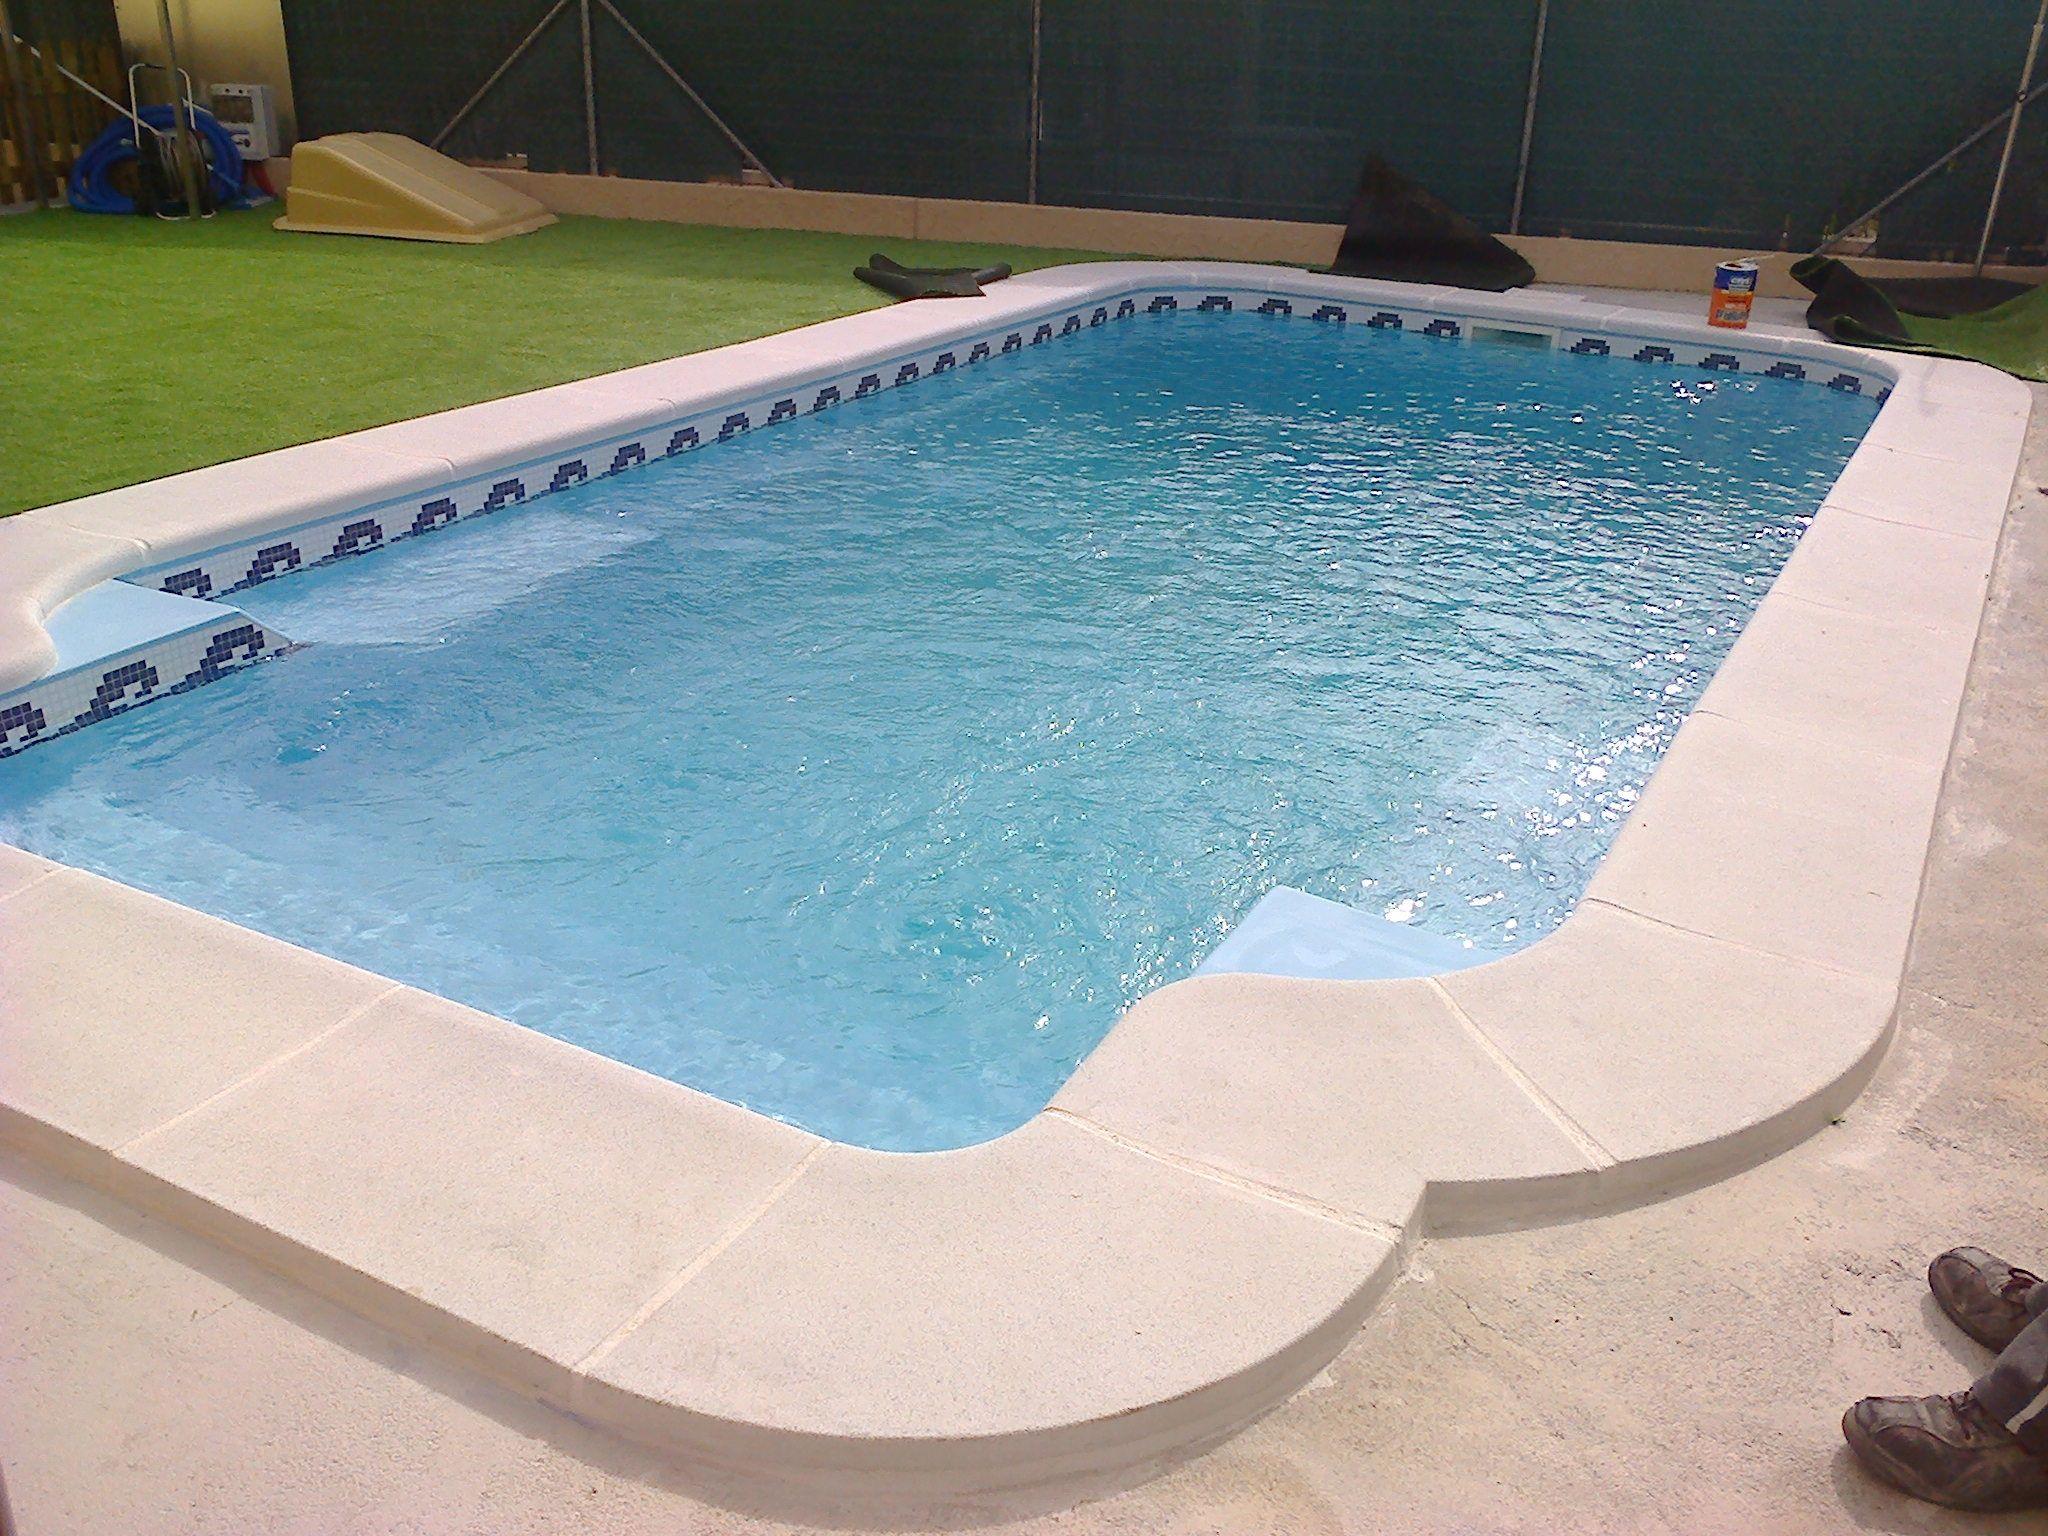 Piscinas anamer s l piscinas de poliester accesorios for Accesorios para piscinas